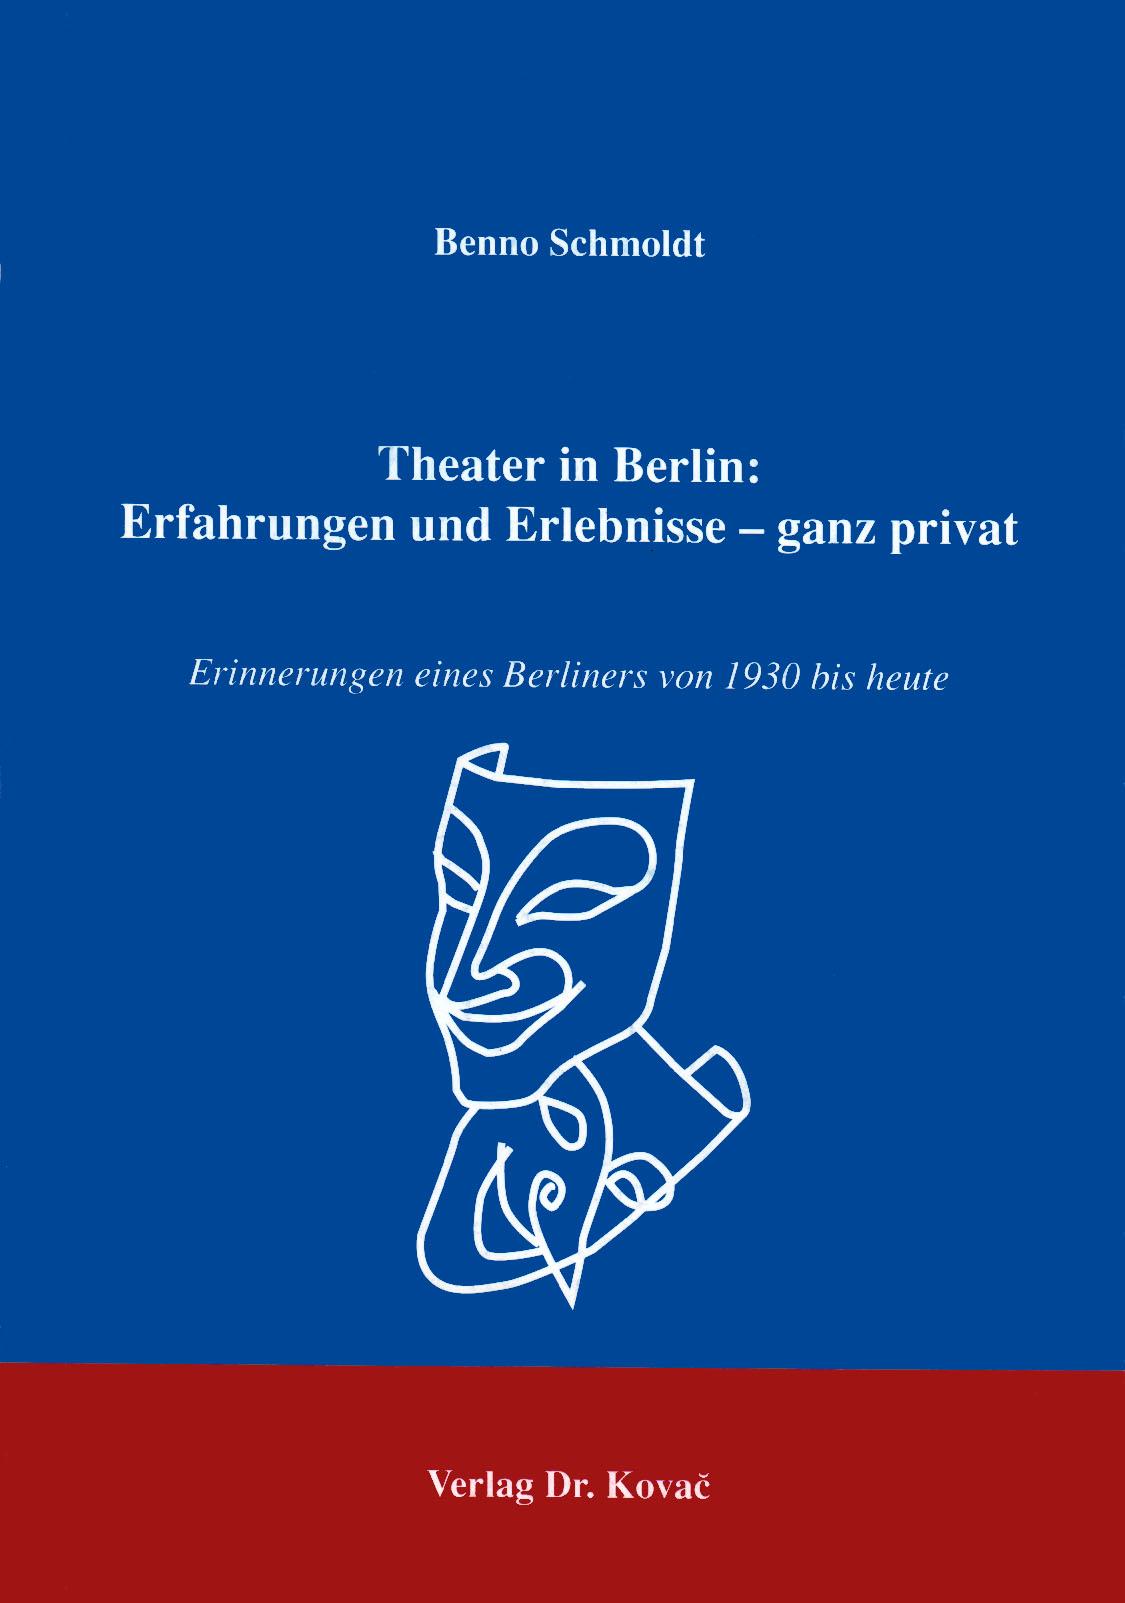 Cover: Theater in Berlin: Erfahrungen und Erlebnisse - ganz privat